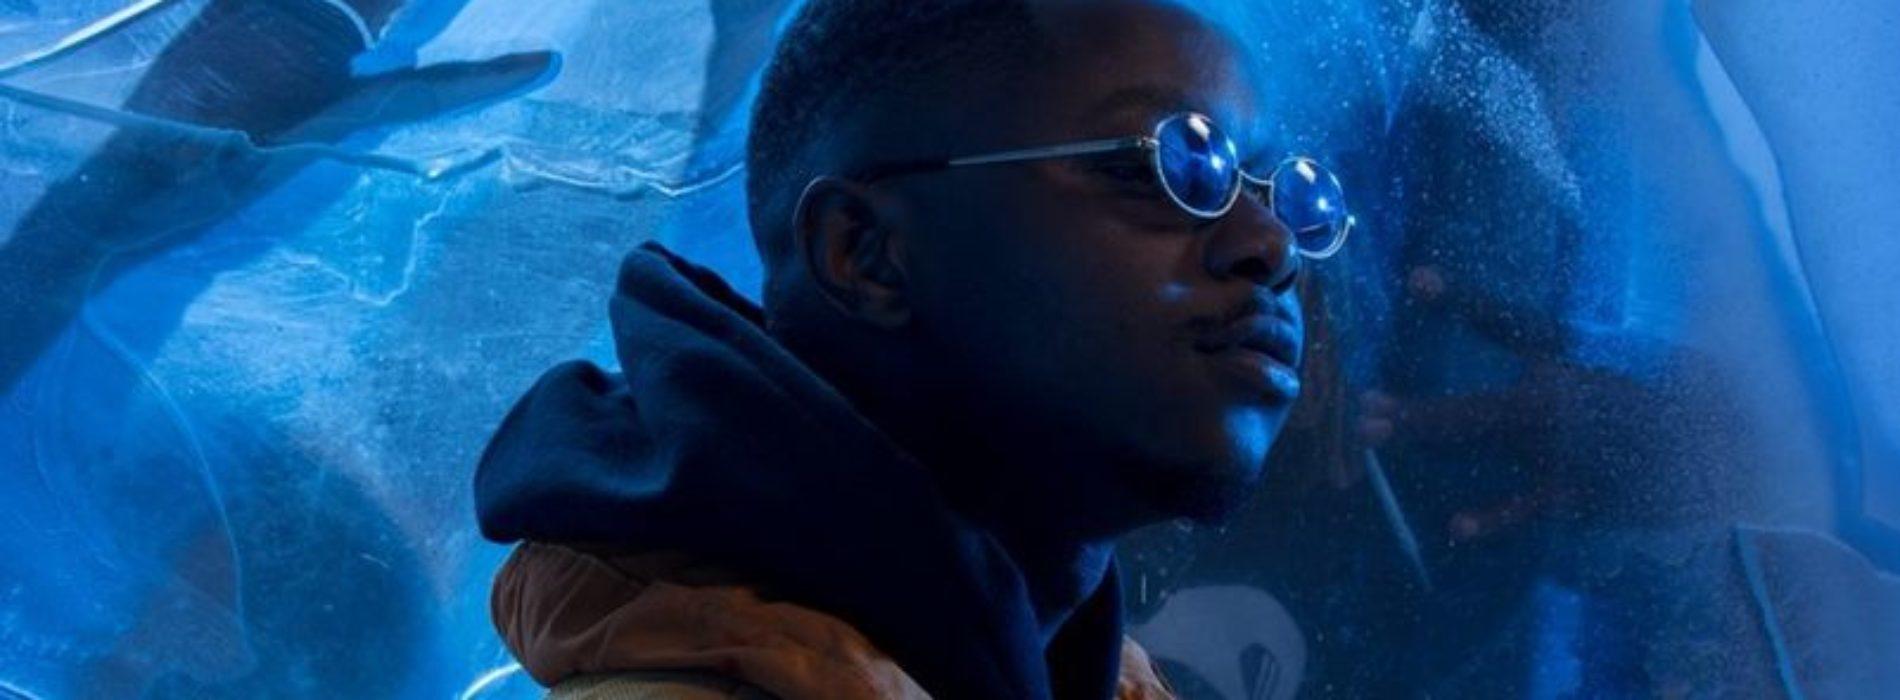 """Découvre l'album de LETO """"100 visages"""" – Charbon (feat. Booba) / Big Money (feat. Lacrim) / Macaroni (feat. Ninho) / T'es allée où? (feat. Soolking) – Août 2020"""